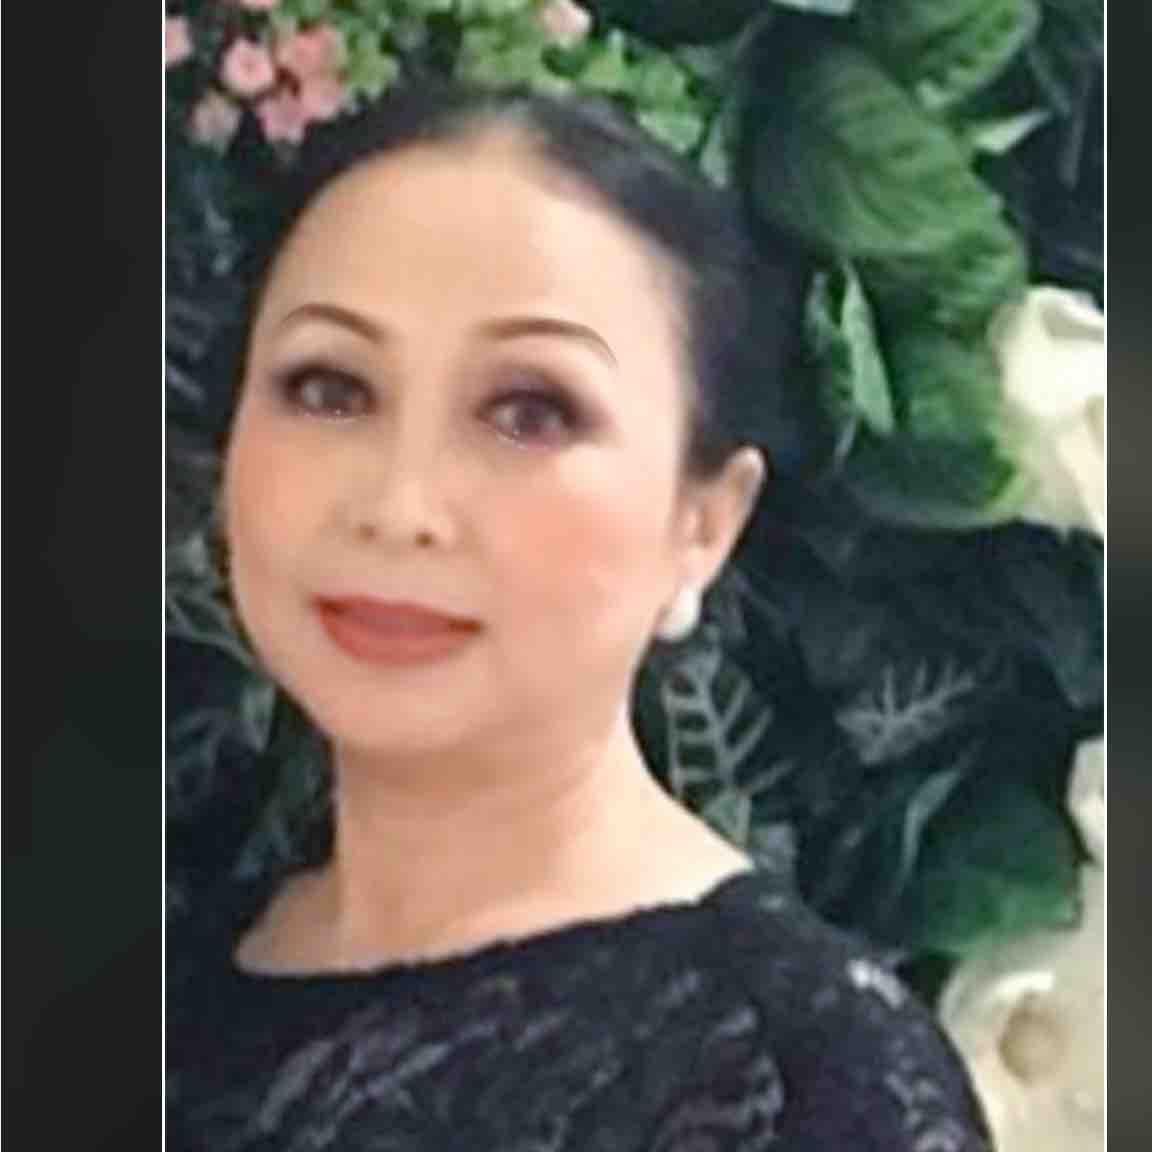 Tuyet Anh Nguyen